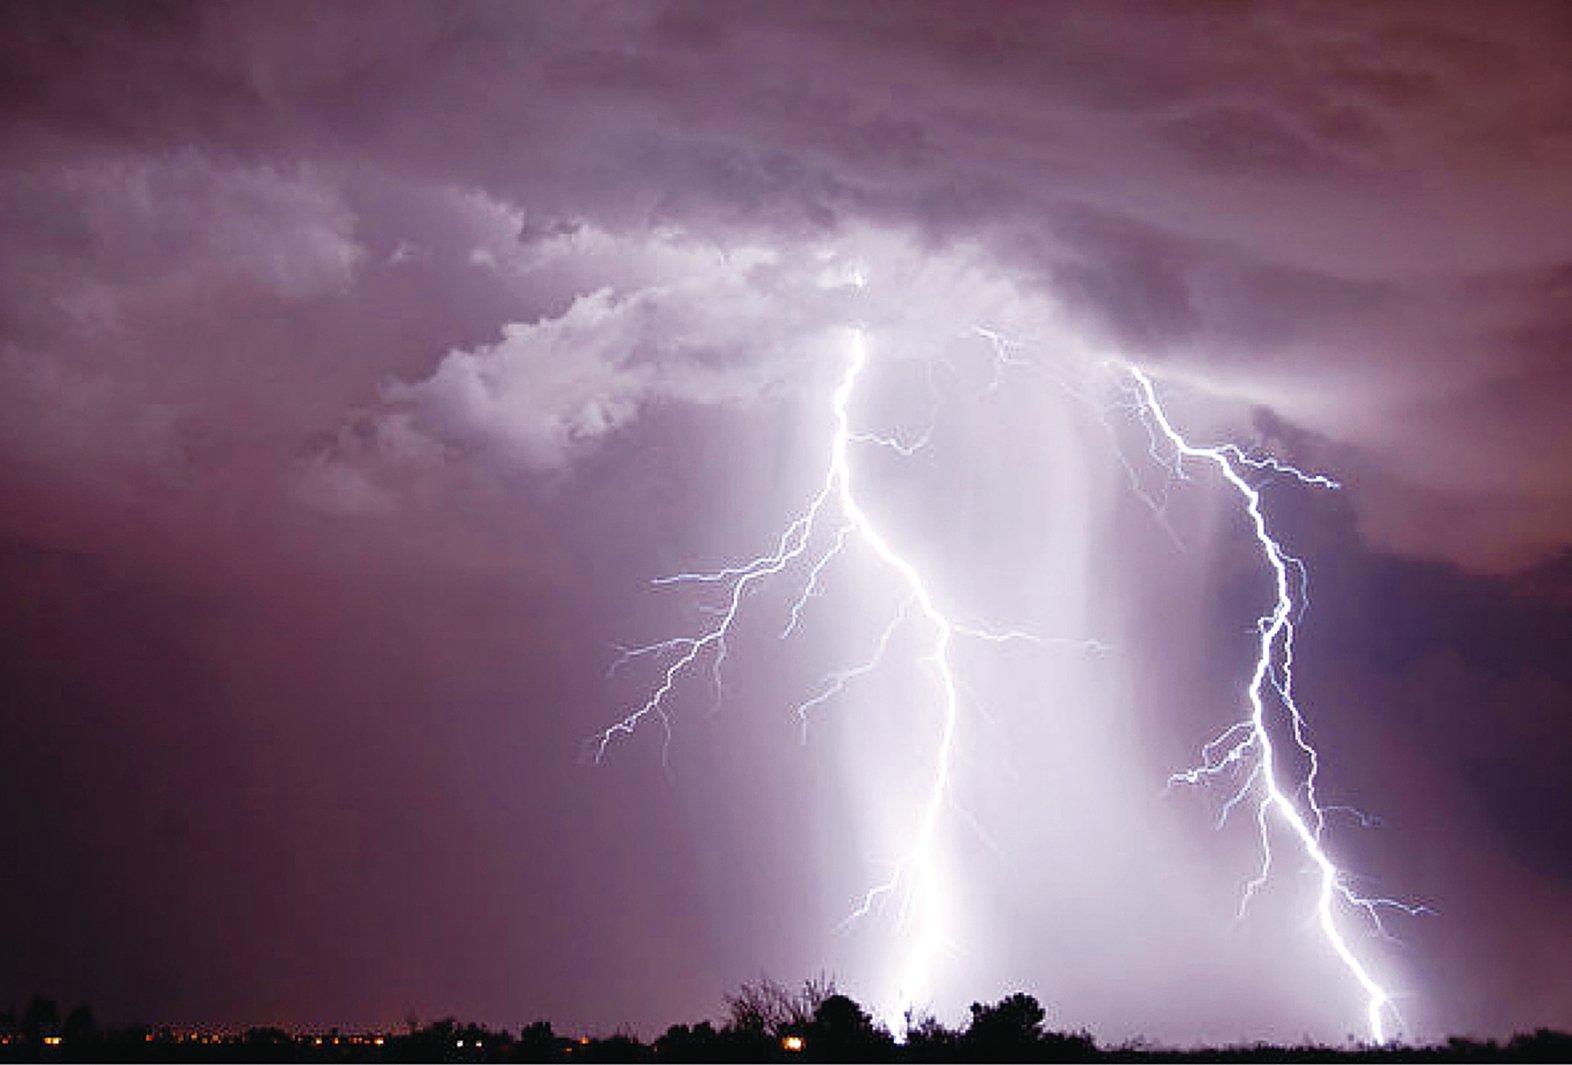 武乙三十五年,武乙在黃河與渭河之間的地帶打獵,遇到了大雨,天現雷暴,他被雷擊中身亡。(fotolia)